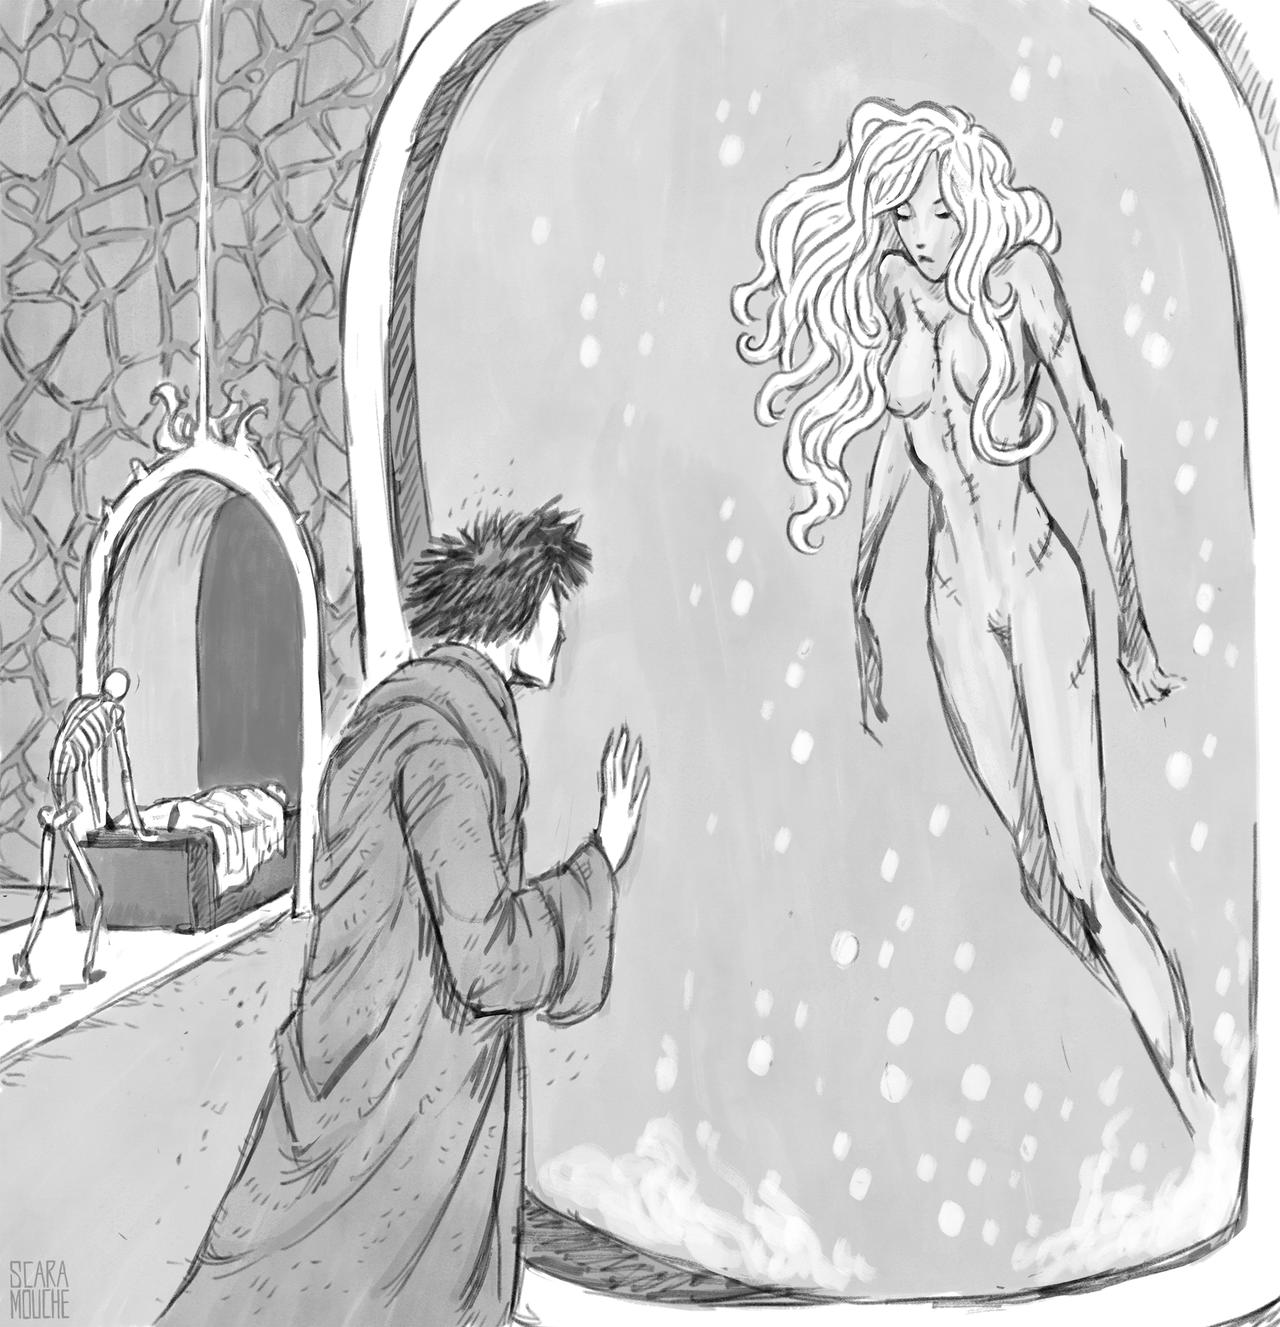 """saintrabouin Scara Mouche """"The Chant of Sigil: The Dustman and his dead lover"""" - by Baptiste (Scara Mouche) saintrabouin.tumblr.com (2018-12) © dell'autore tutti i diritti riservati"""